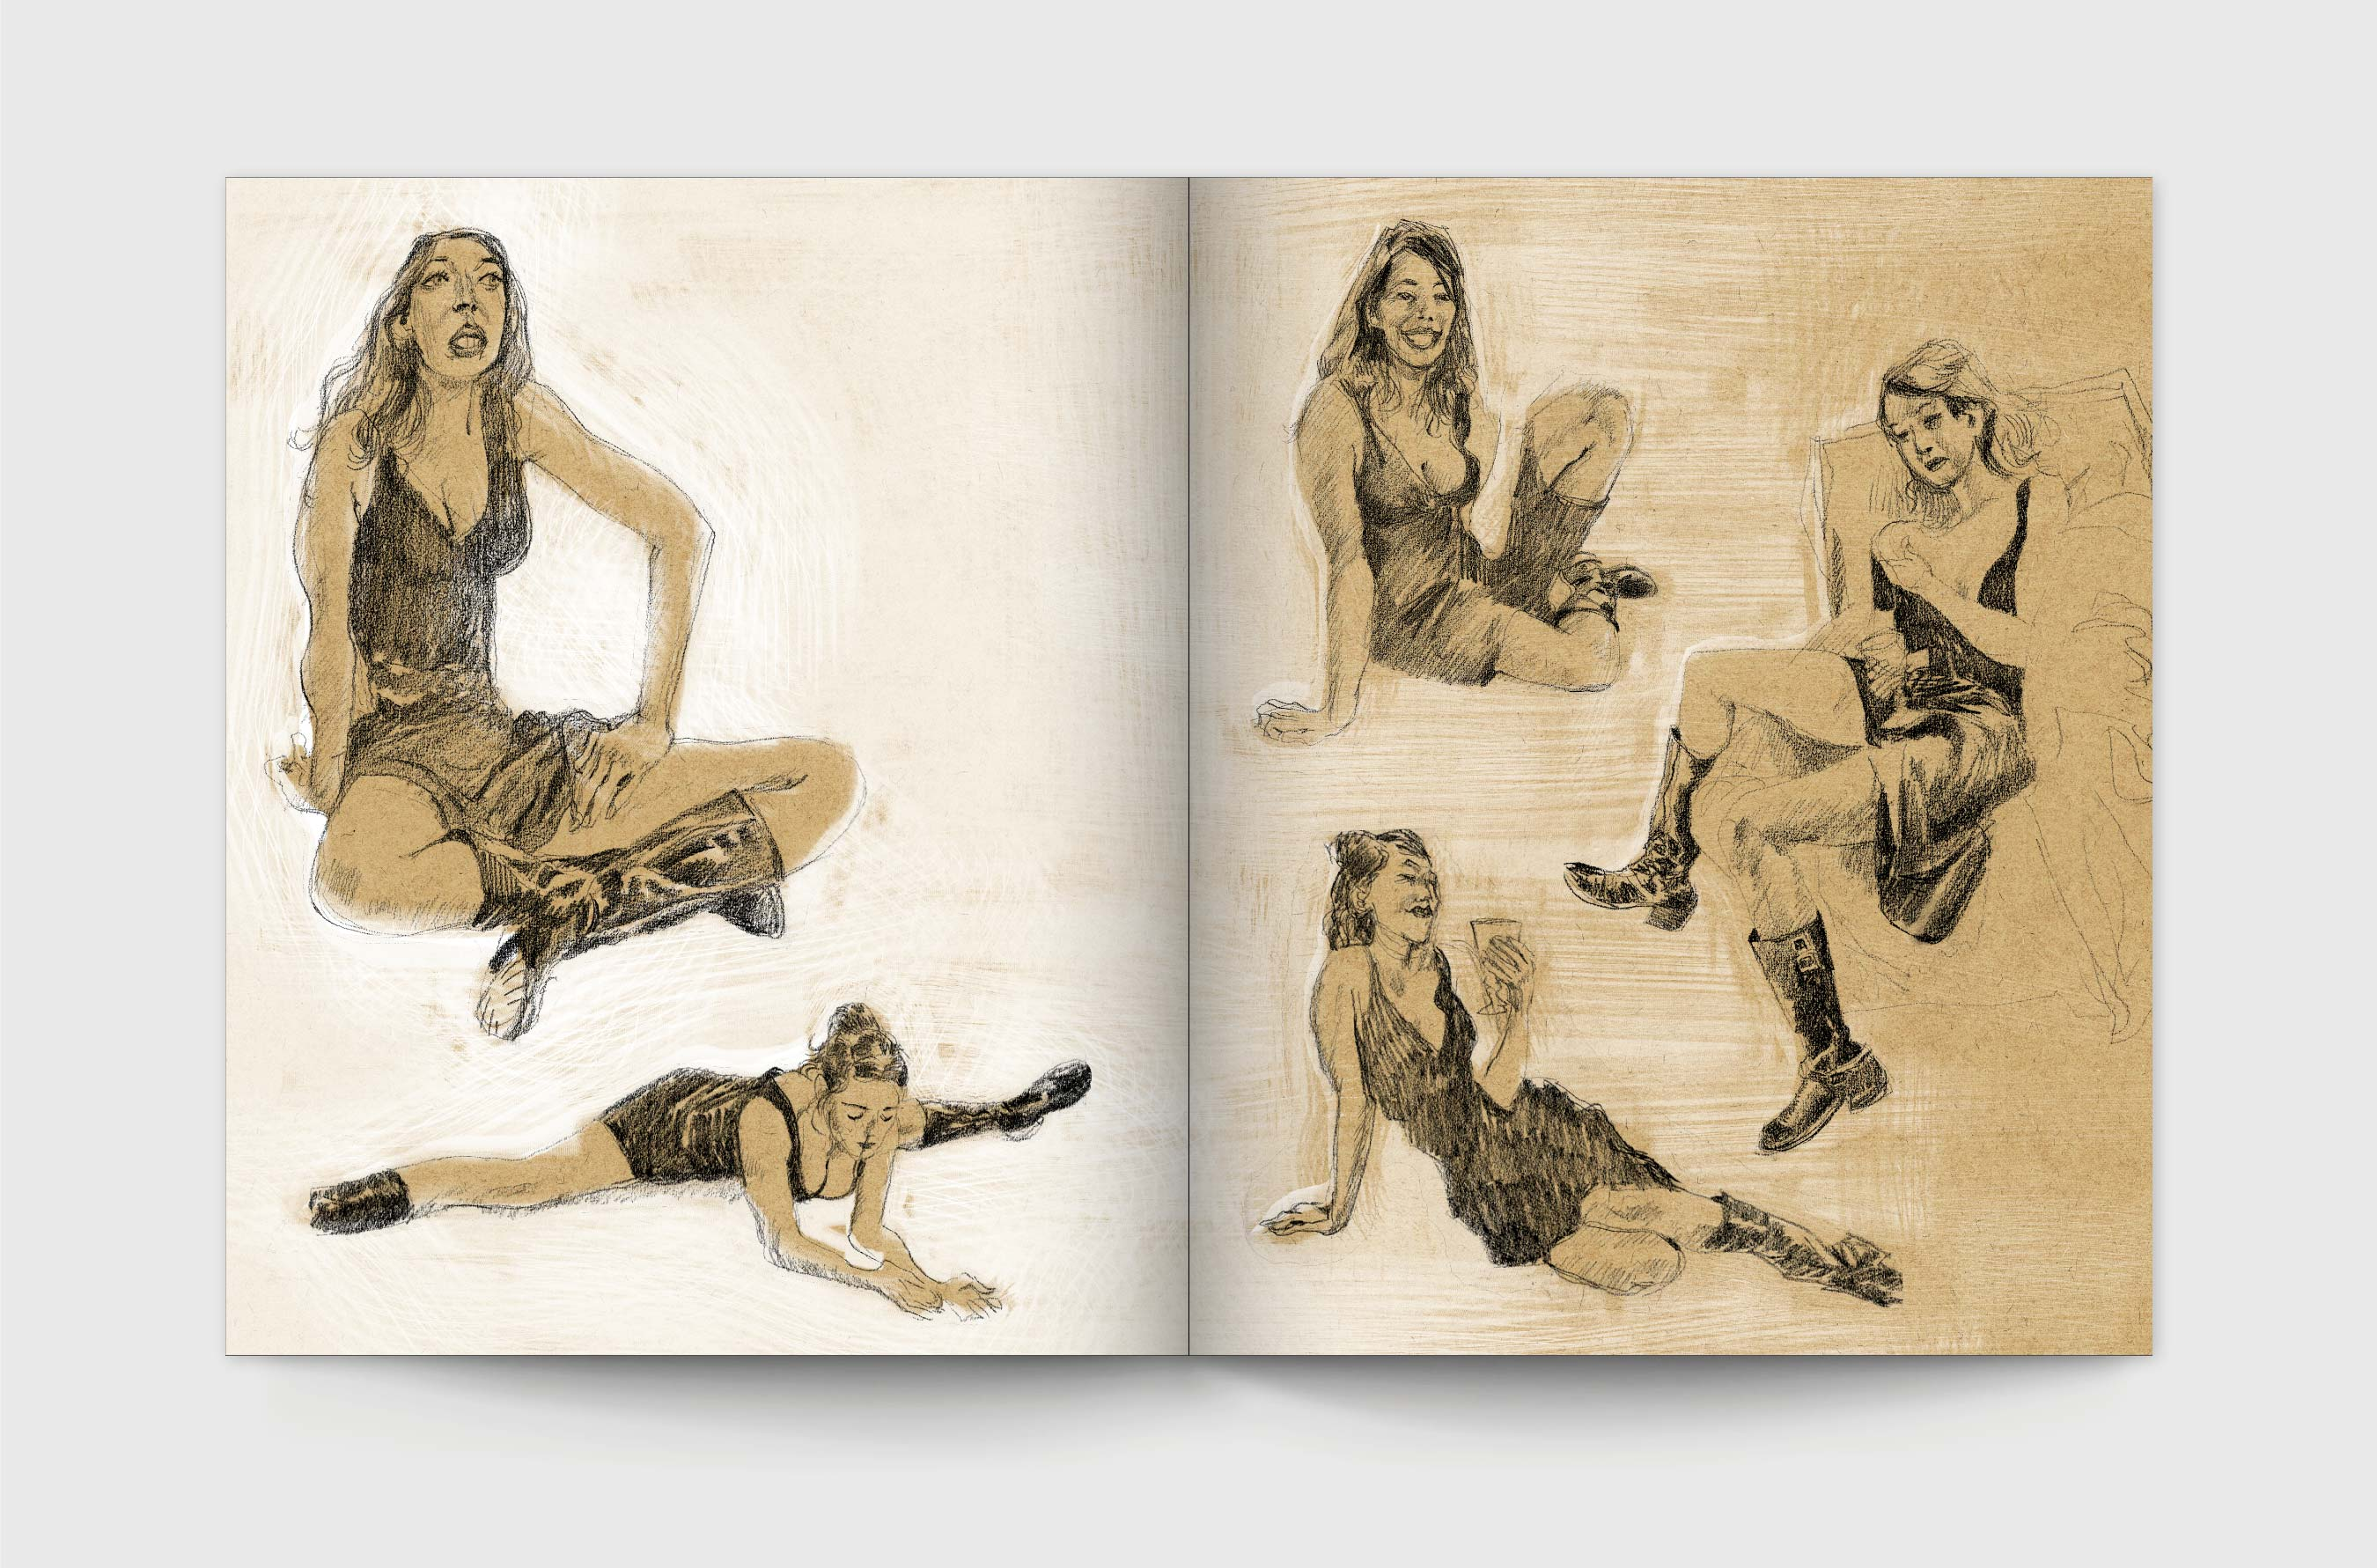 Sketchbook Yoann 4